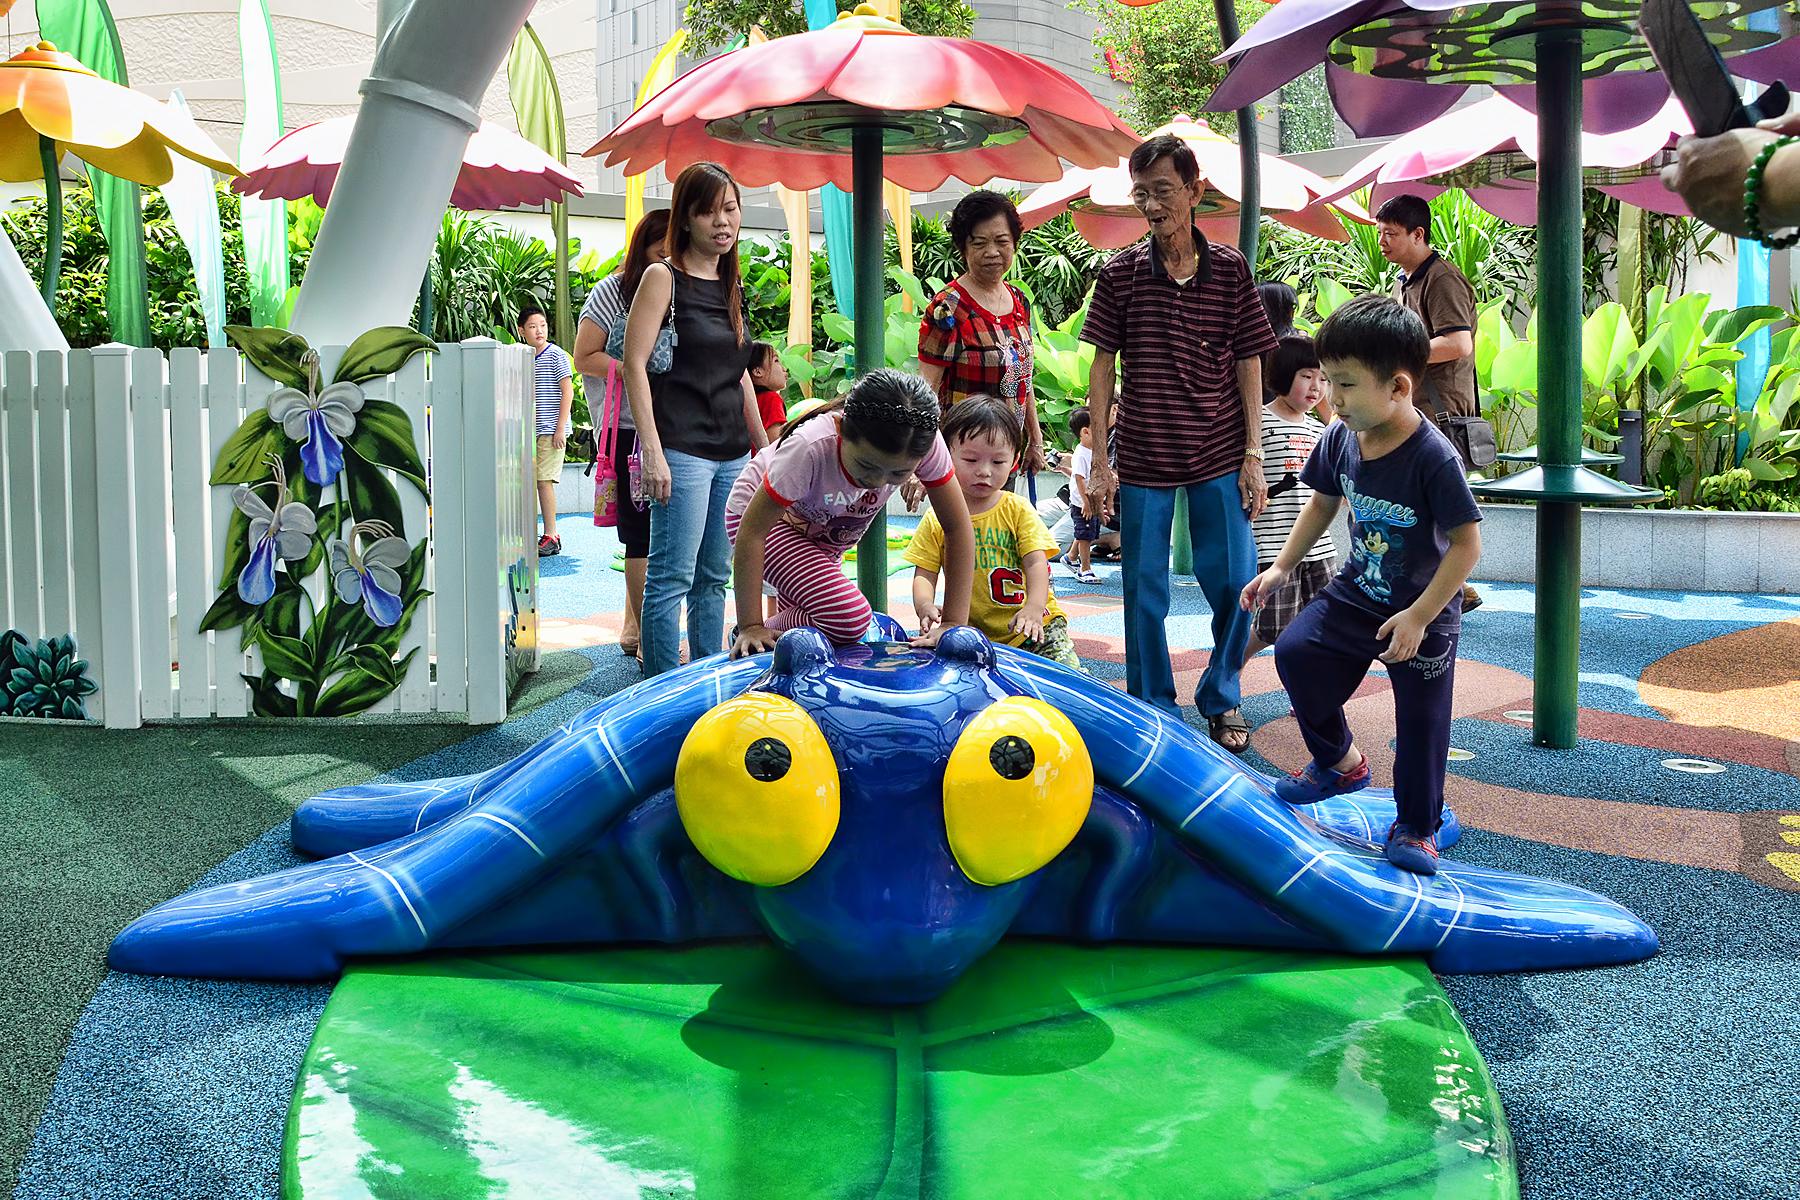 westgate wonderland outdoor playground singapore